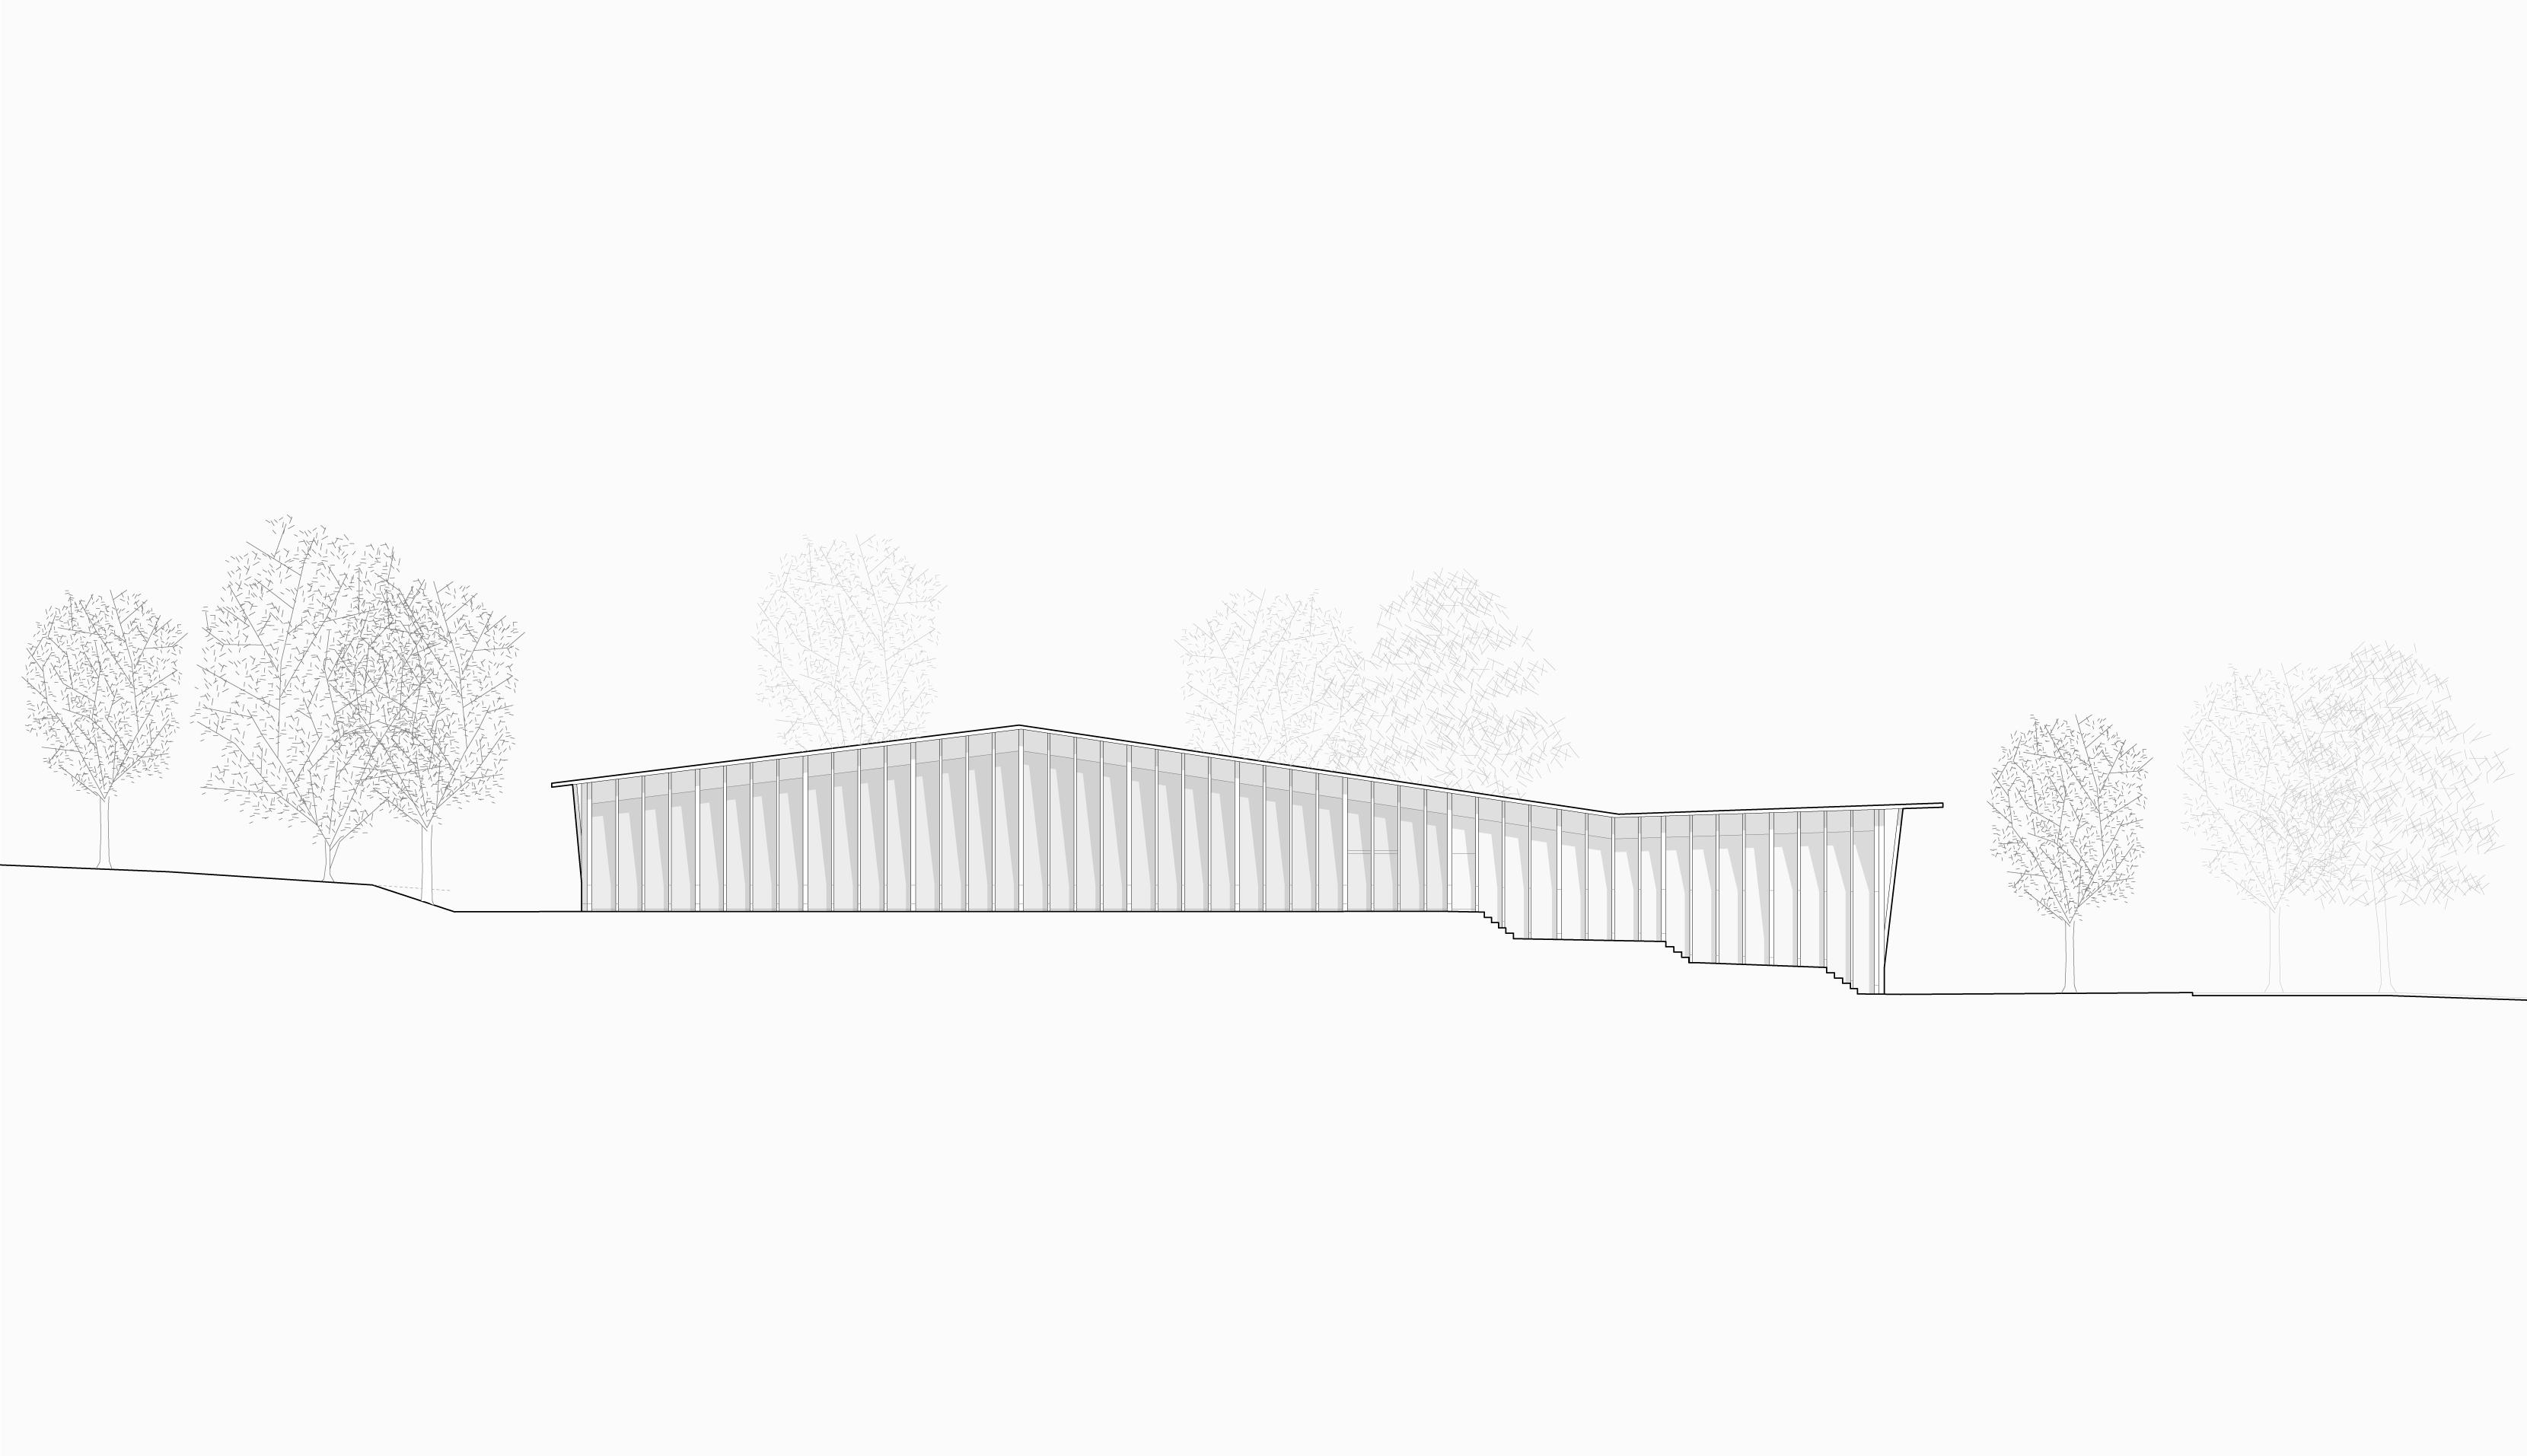 STUDIO CORNEL STAEHELI  Dreifachsporthalle mit Feuerwehrstützpunkt und Zivilschutzanlage Beromünster Situation Ansicht Ost